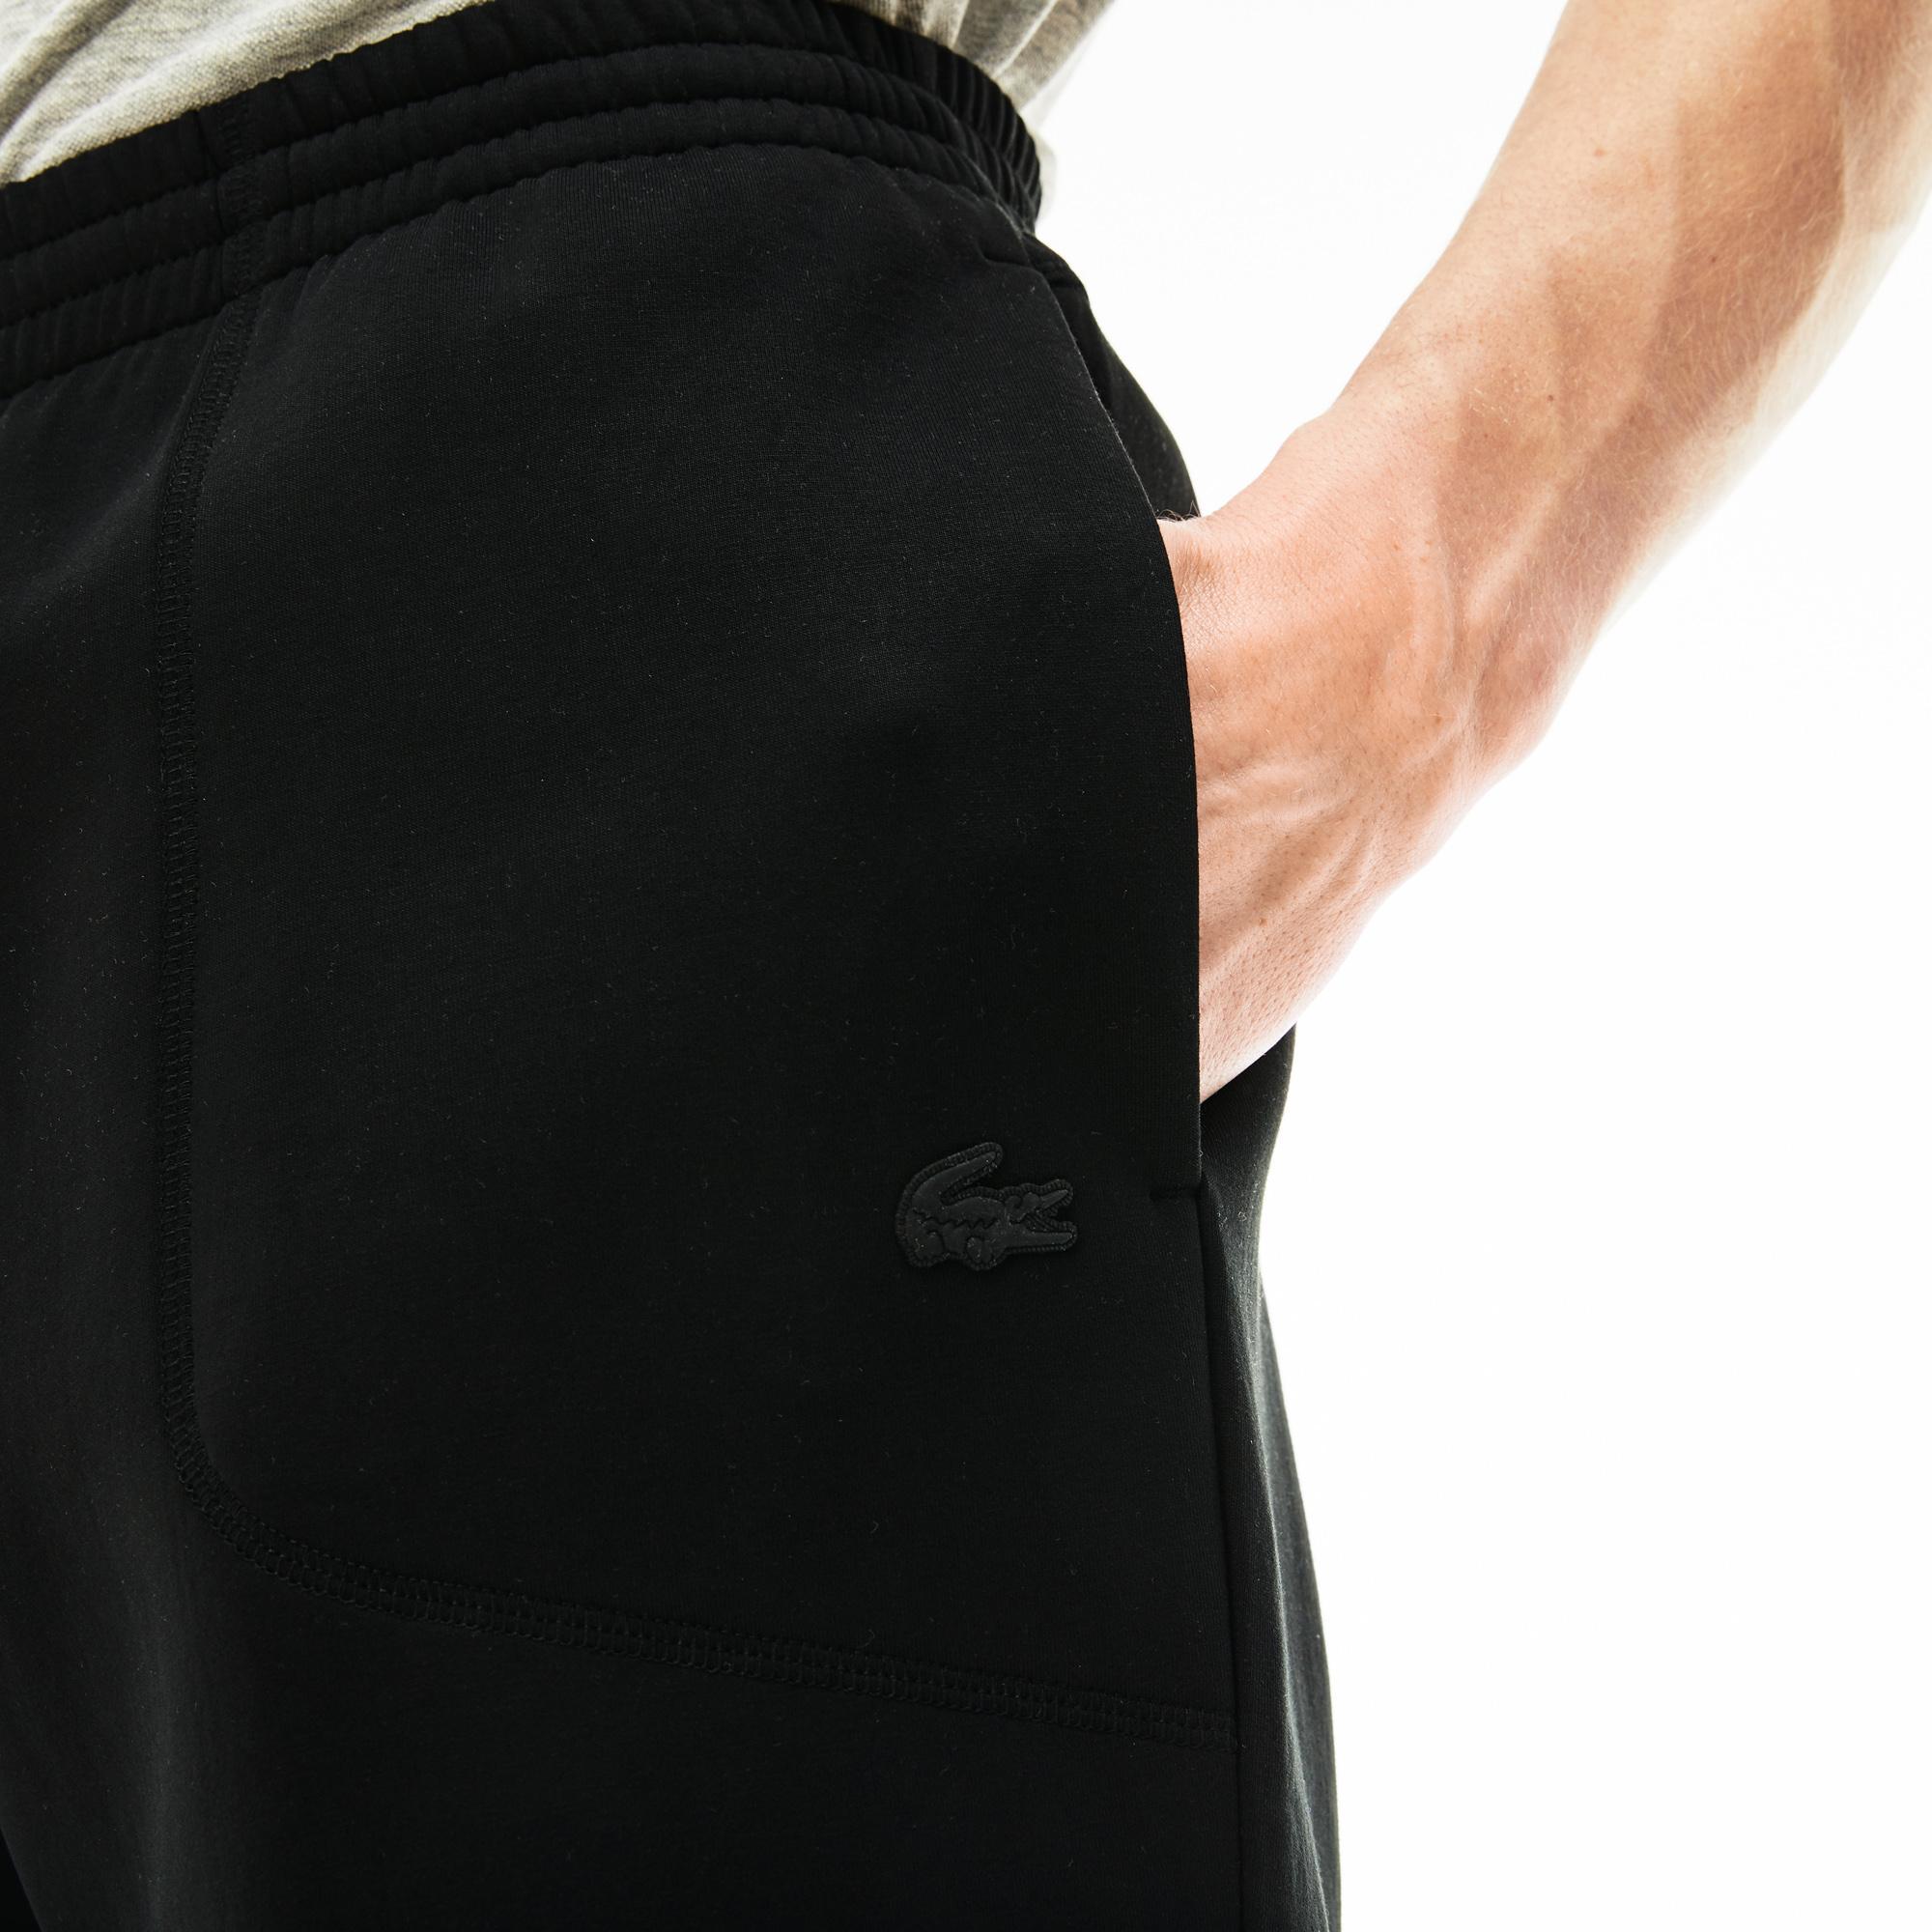 Lacoste Spodnie Dresowe Męskie